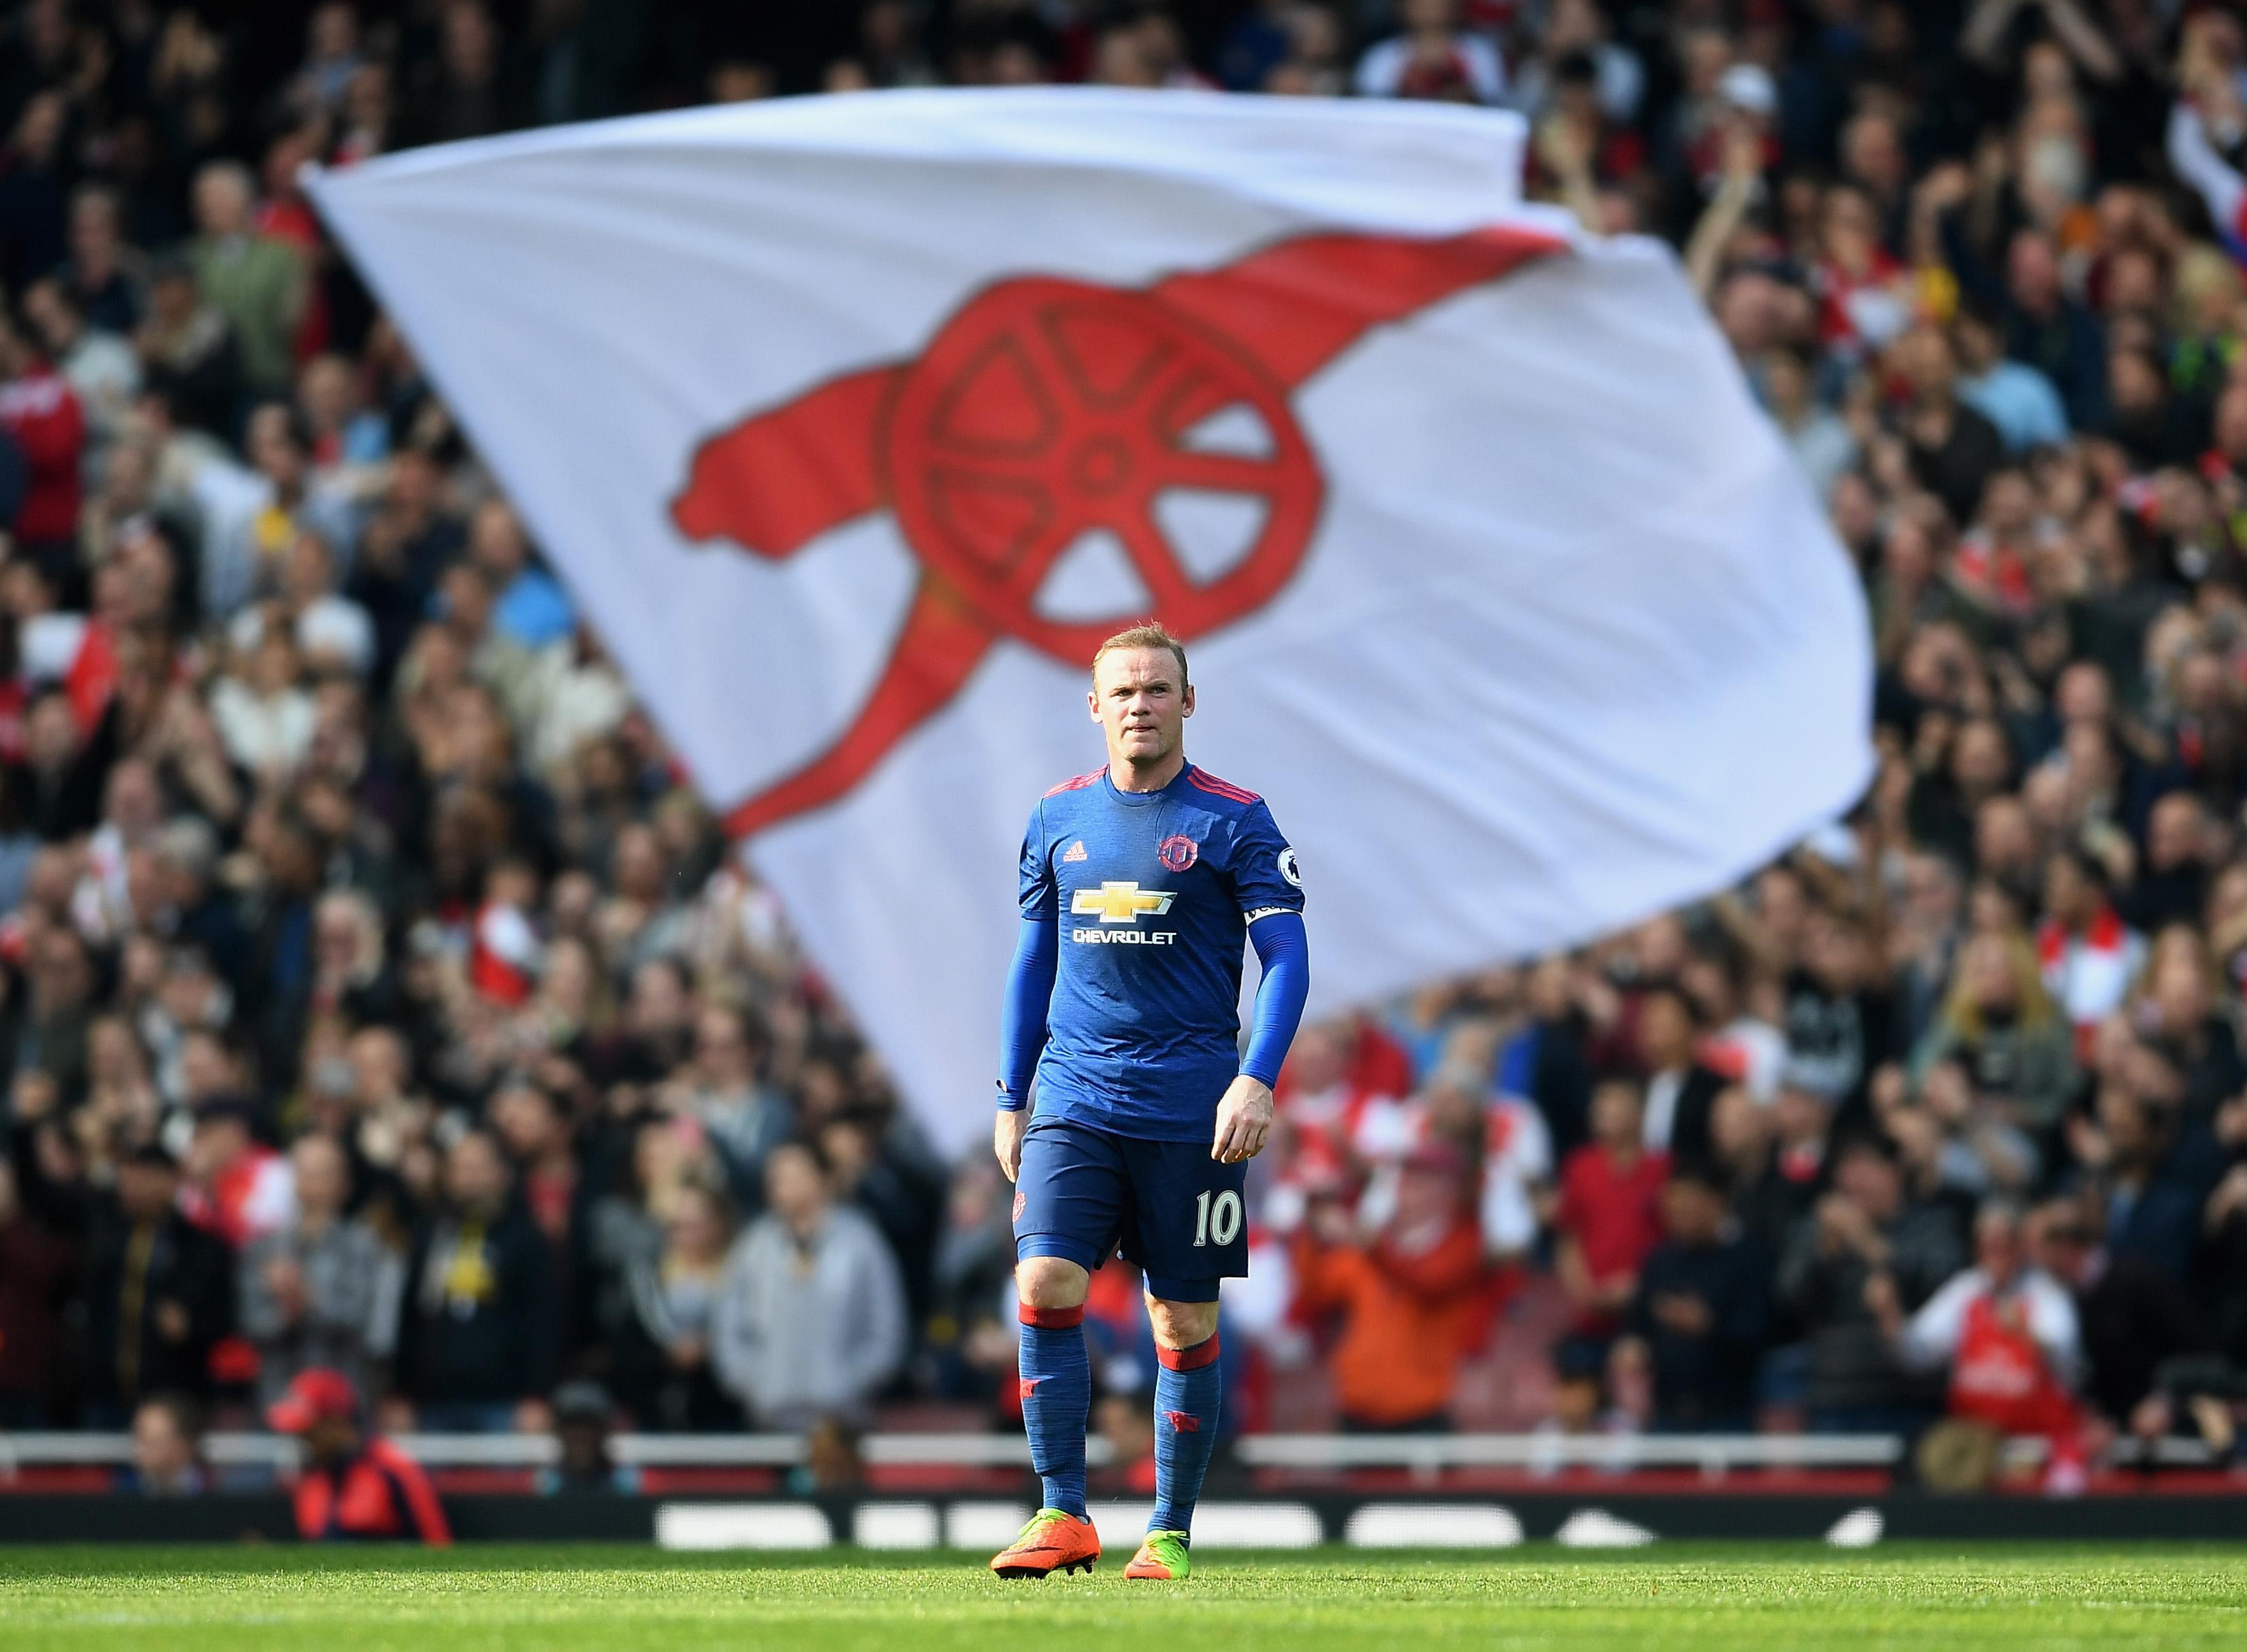 Wayne Rooney Arsenal Manchester United